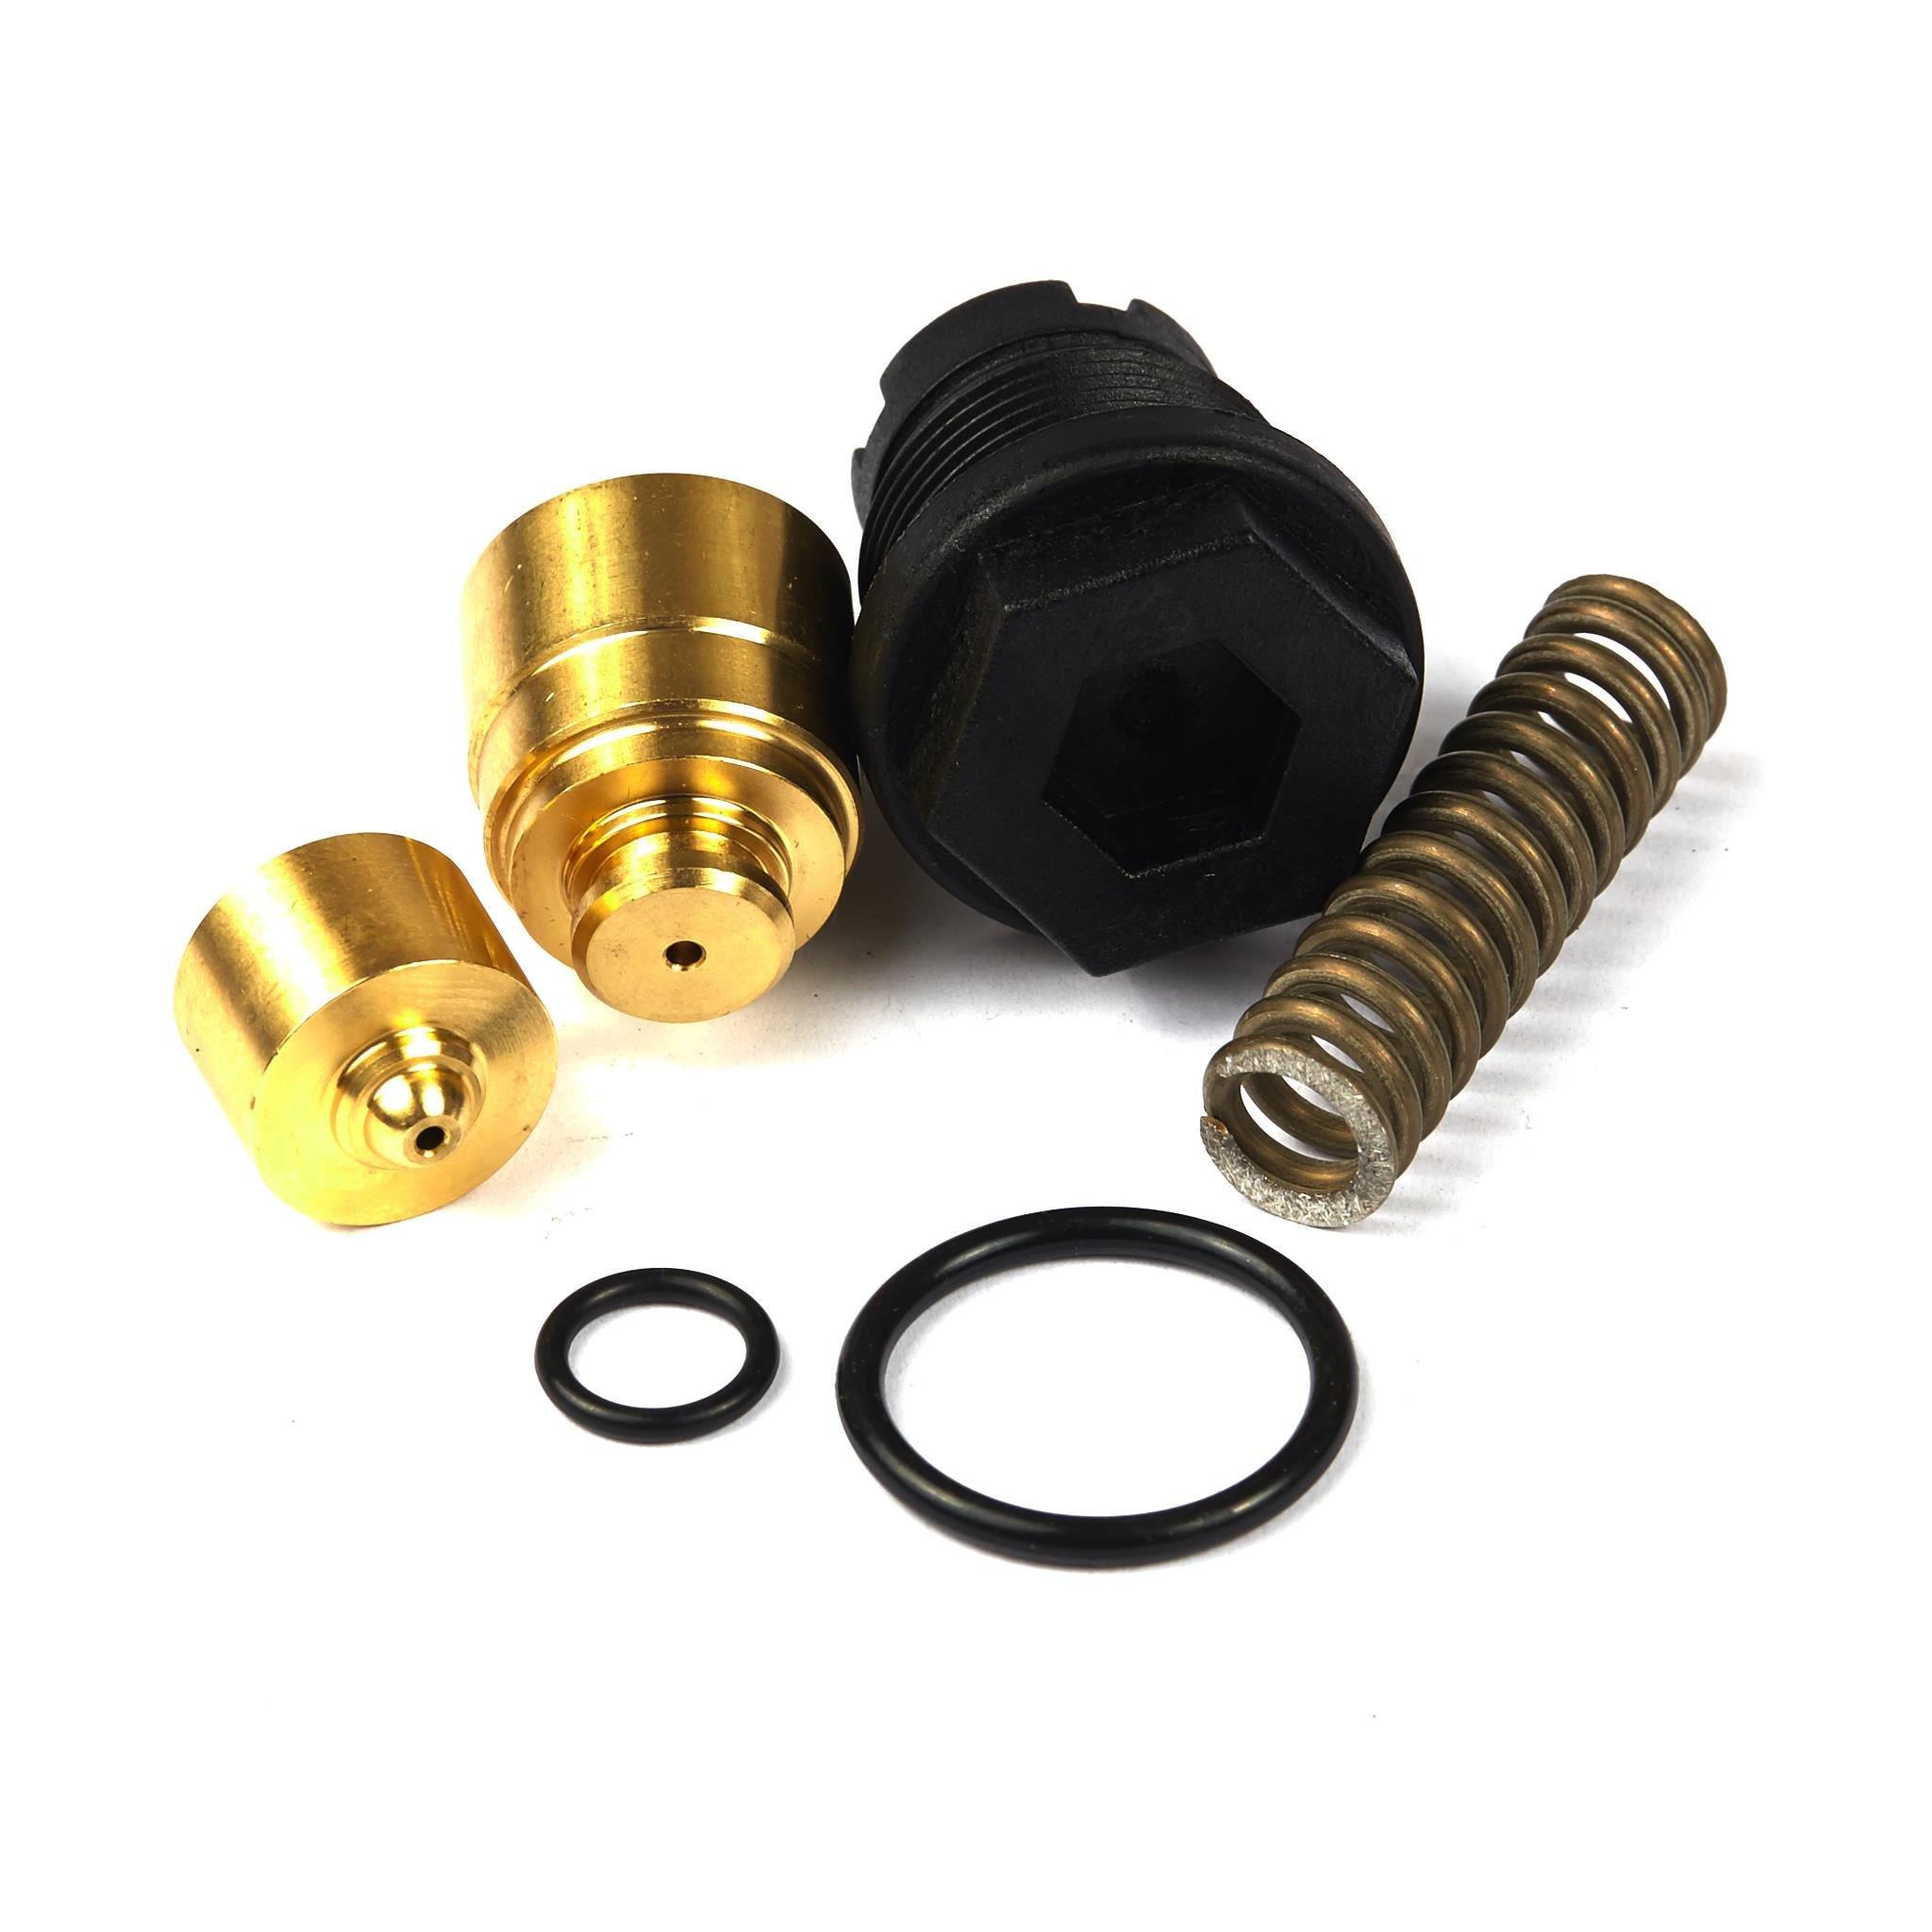 Briggs & Stratton Pressure Washer Pump Unloader Kit 187879GS